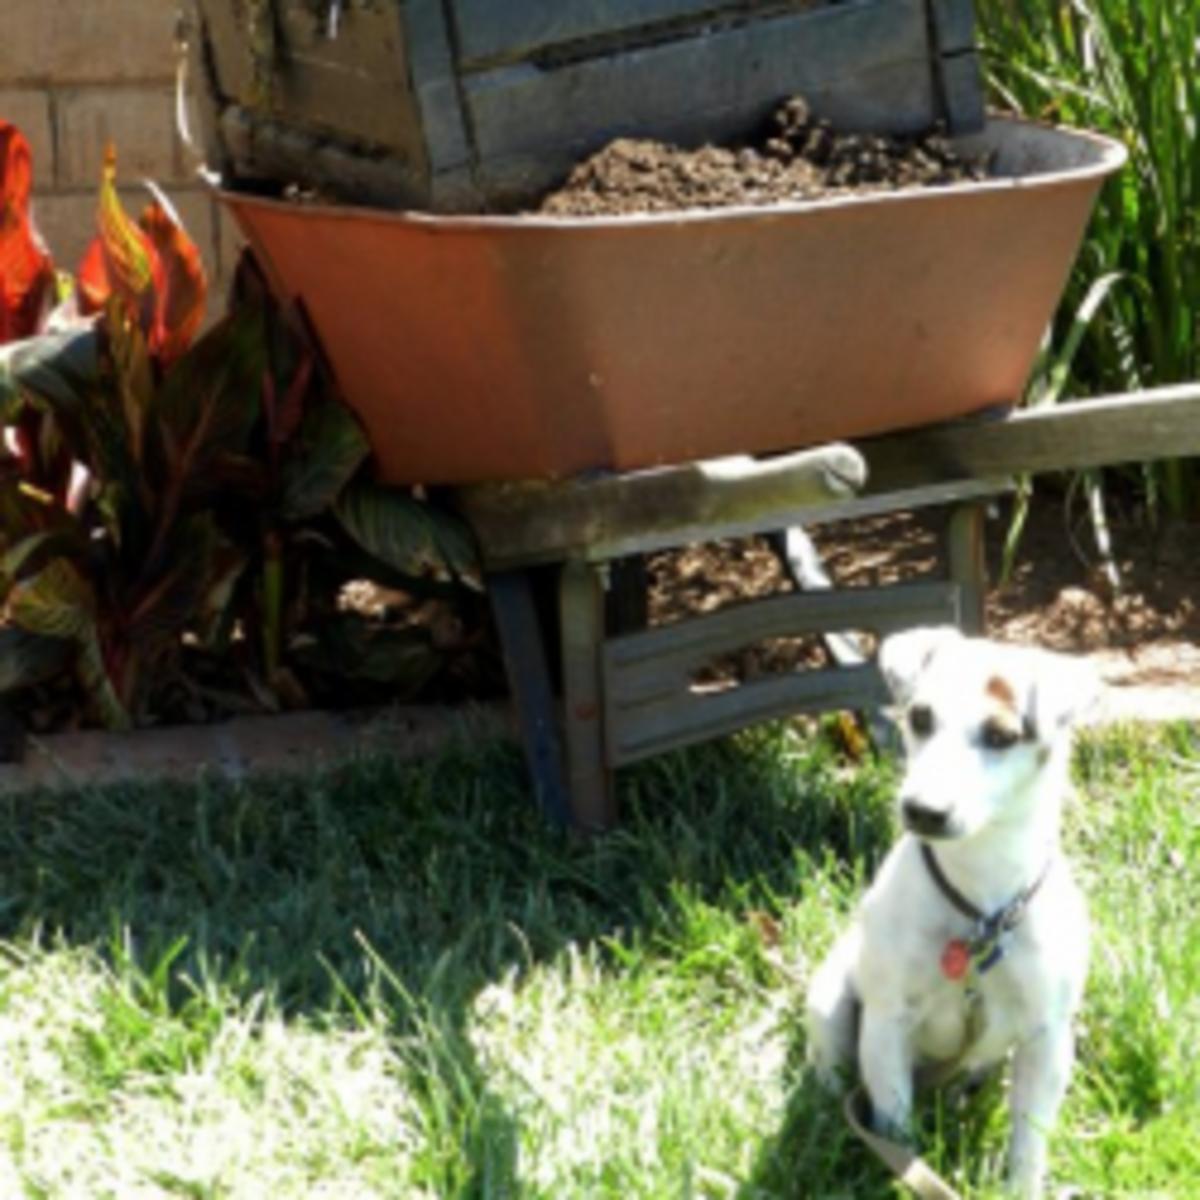 my-garden-gourmet-plastic-compost-bin